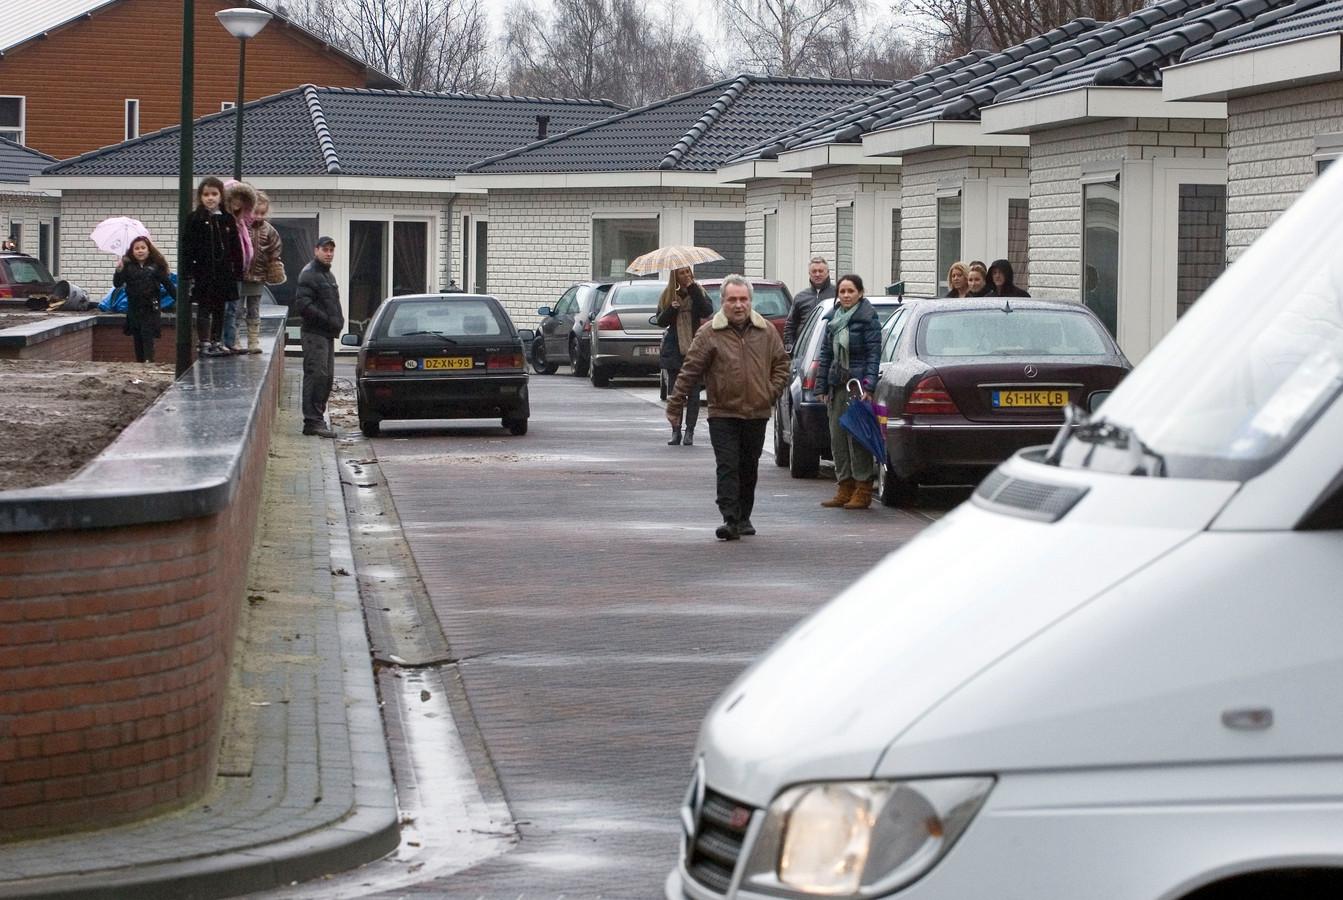 Woonwagenkamp Pieterveld in Nuenen dient voor de gemeente als voorbeeld als er nieuwe woonwagenlocaties worden gevonden.